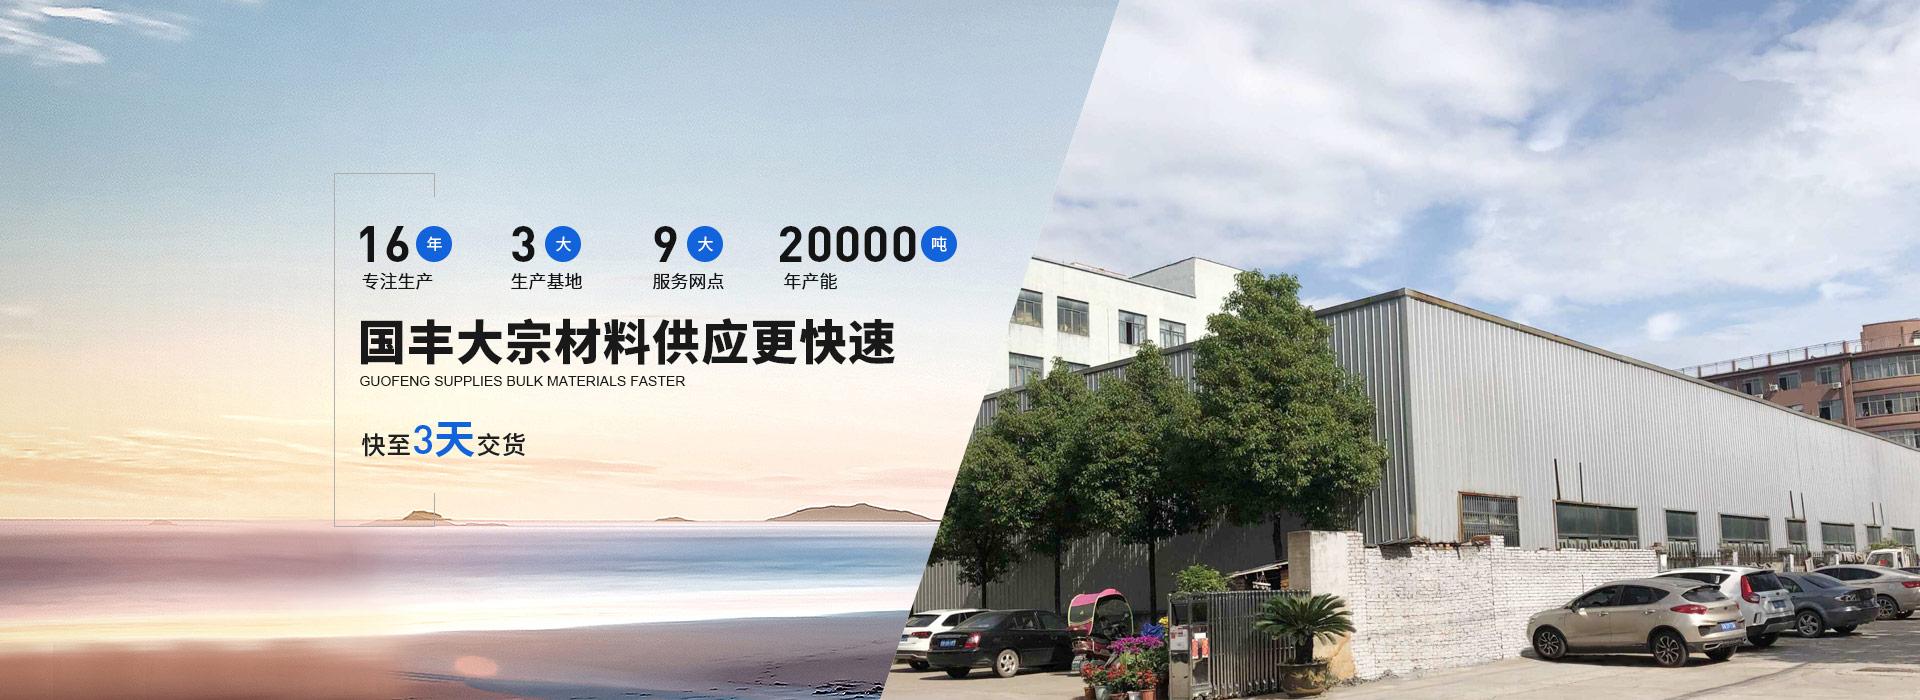 国丰橡塑16年专注生产   3大生产基地   9大服务网点  高达20000吨年产